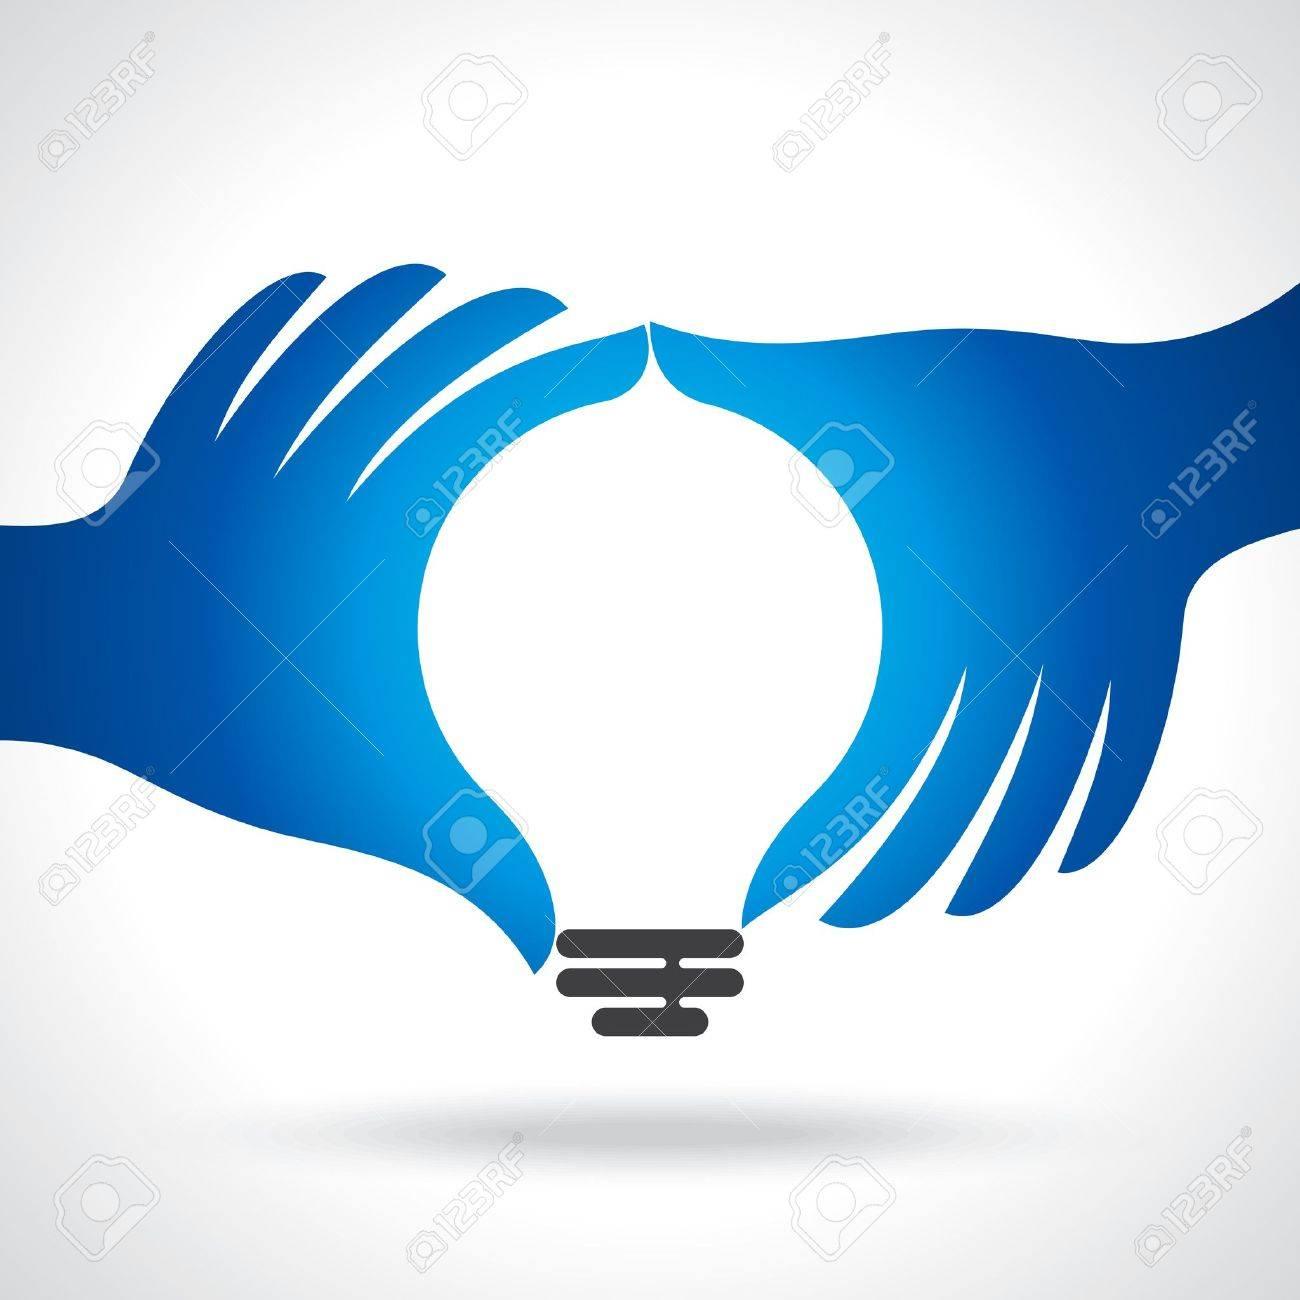 reach idea with human hand - 20881708